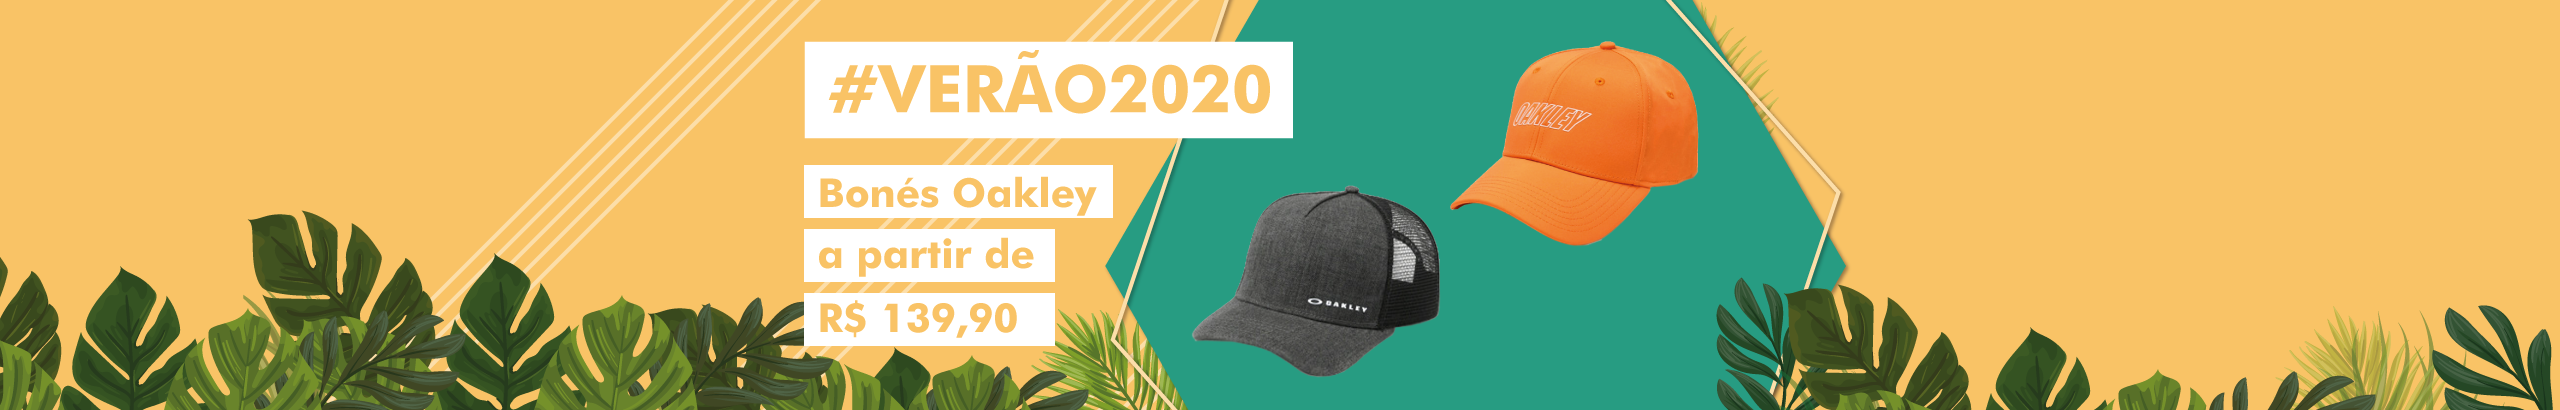 VERAO 2020 BONES OAKLEY